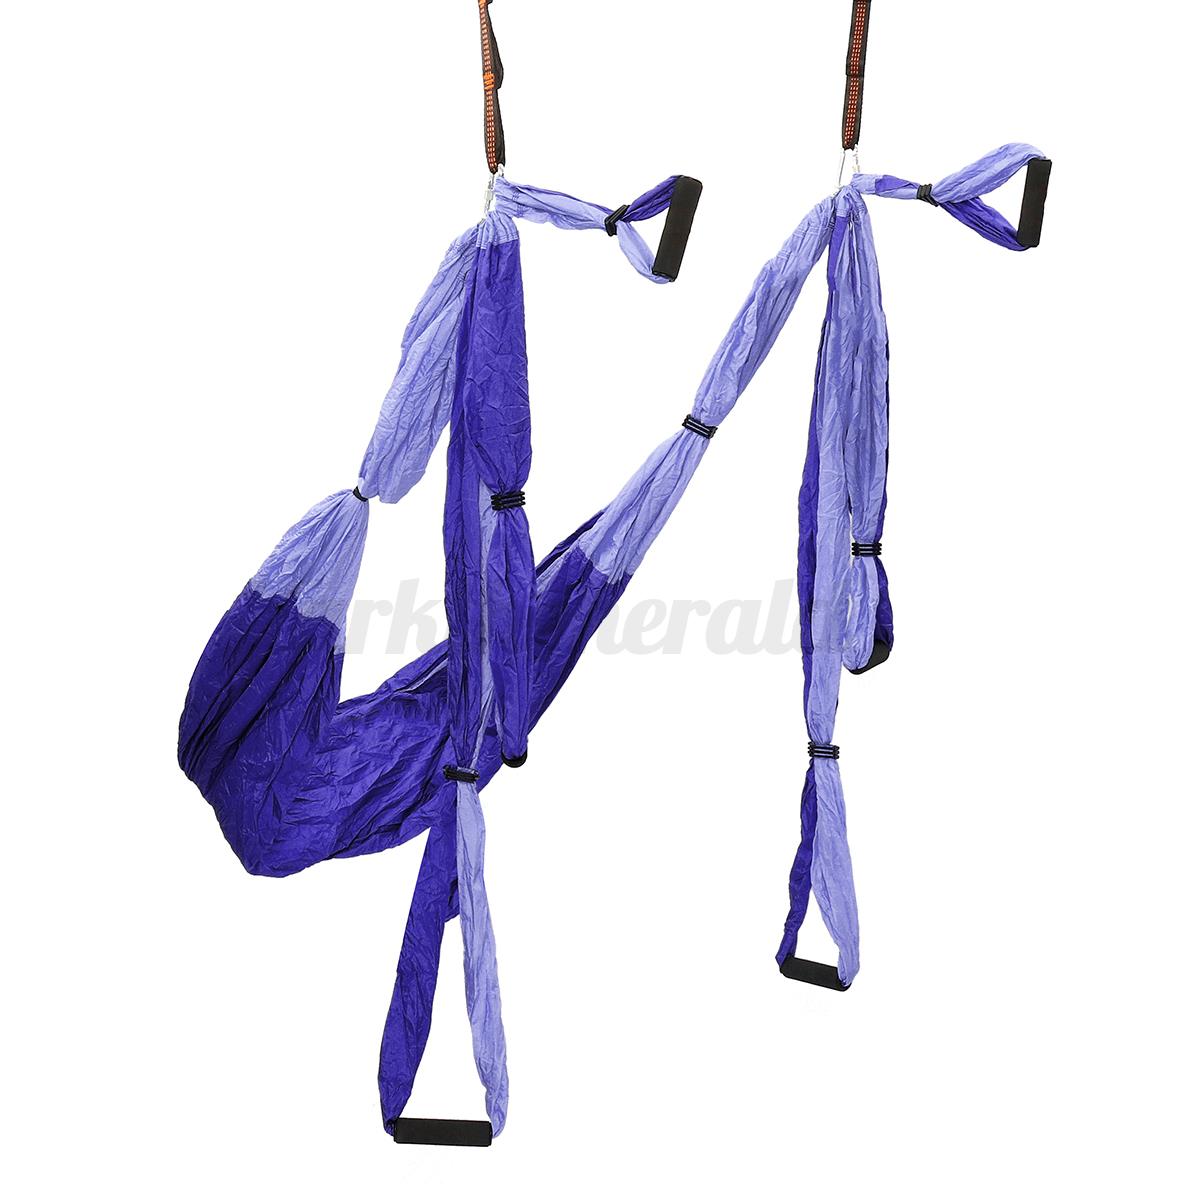 210T Hängematte Hängematte Hängematte beharrlich Yoga Swing Schaukel Tuch Fitness Übungen Für Aerial 0d52ff